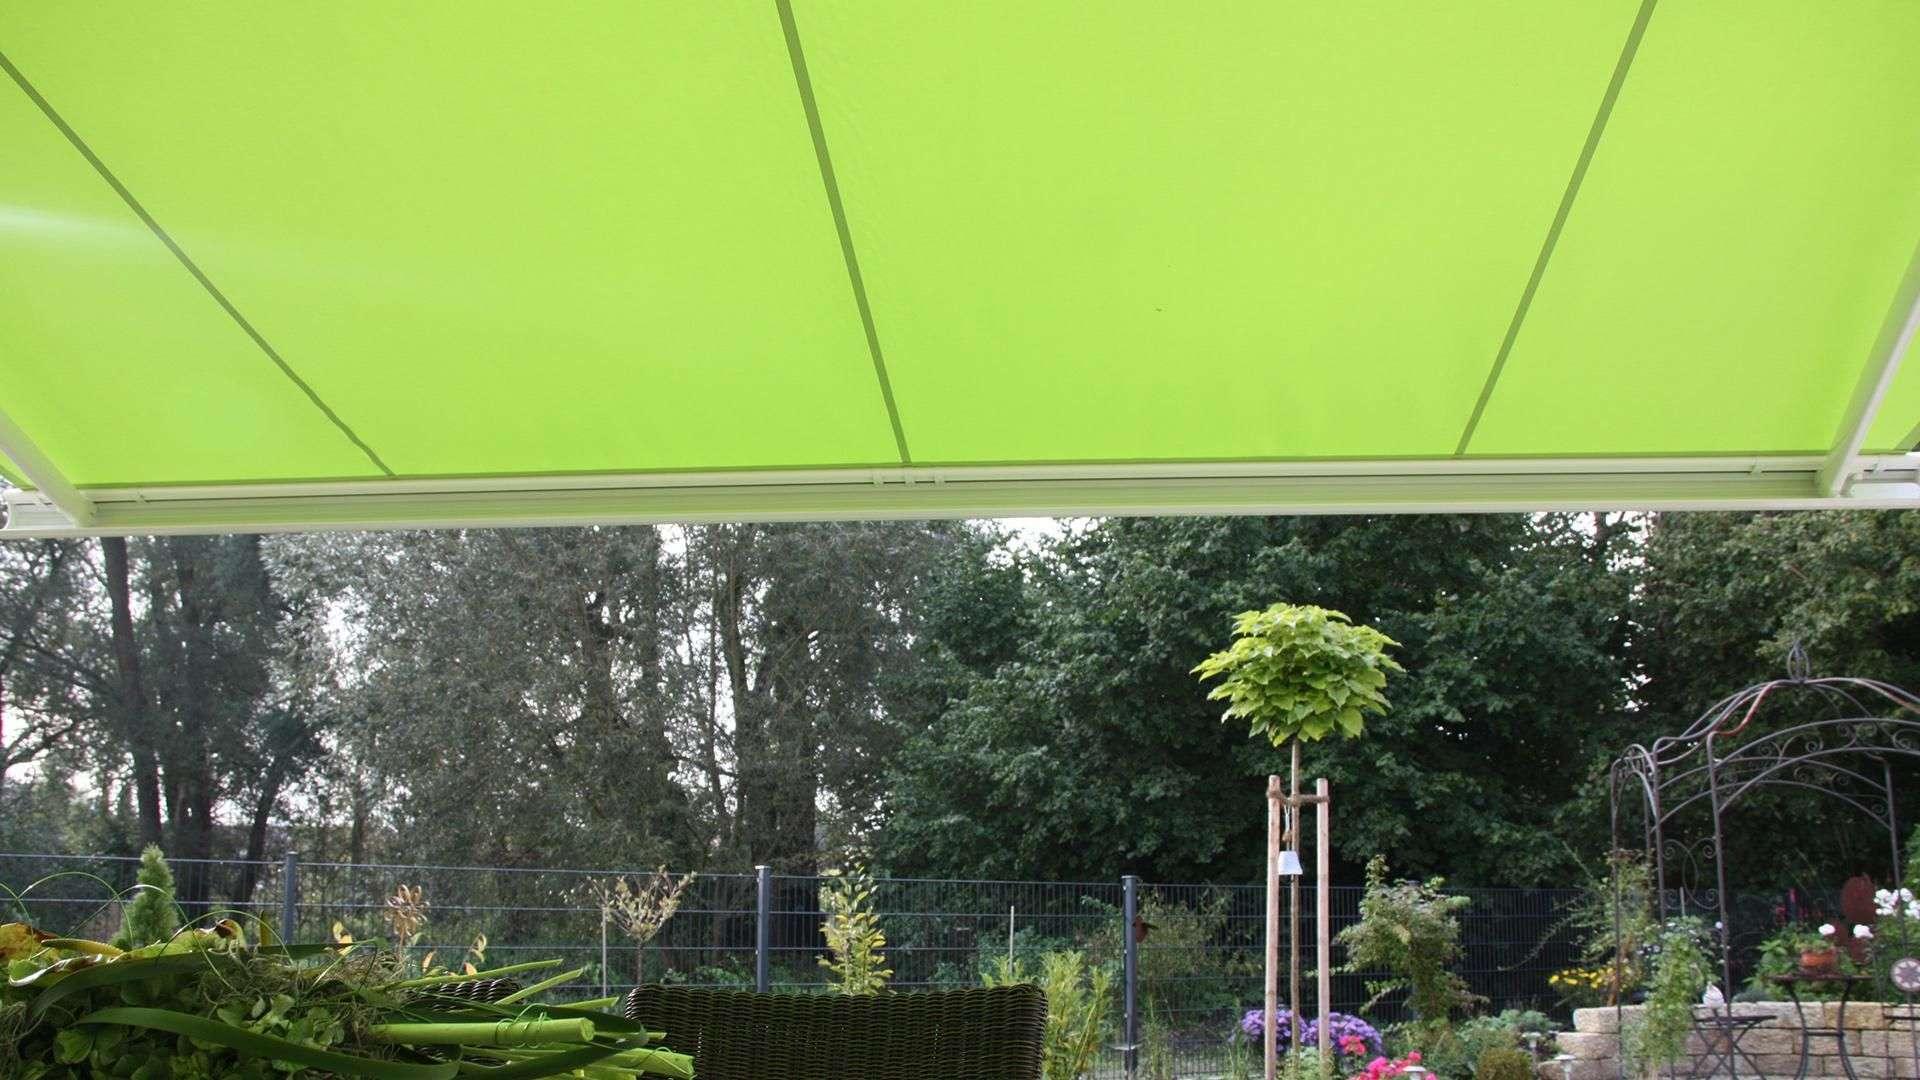 Blick unter eine hellgrüne Markise mit Blick in den Garten